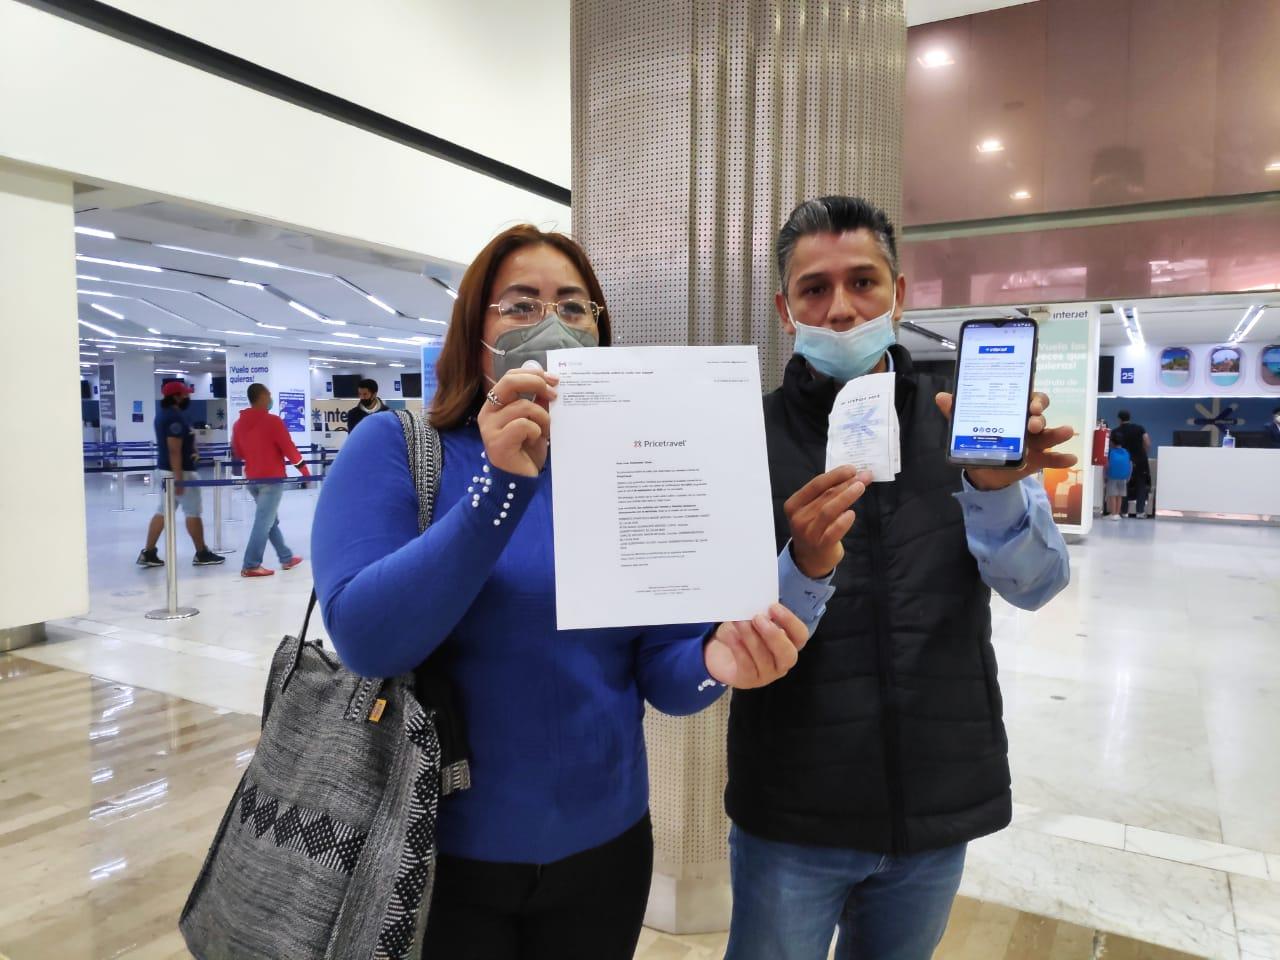 INTERJET CANCELA VUELOS DE USUARIOS POR COVID-19